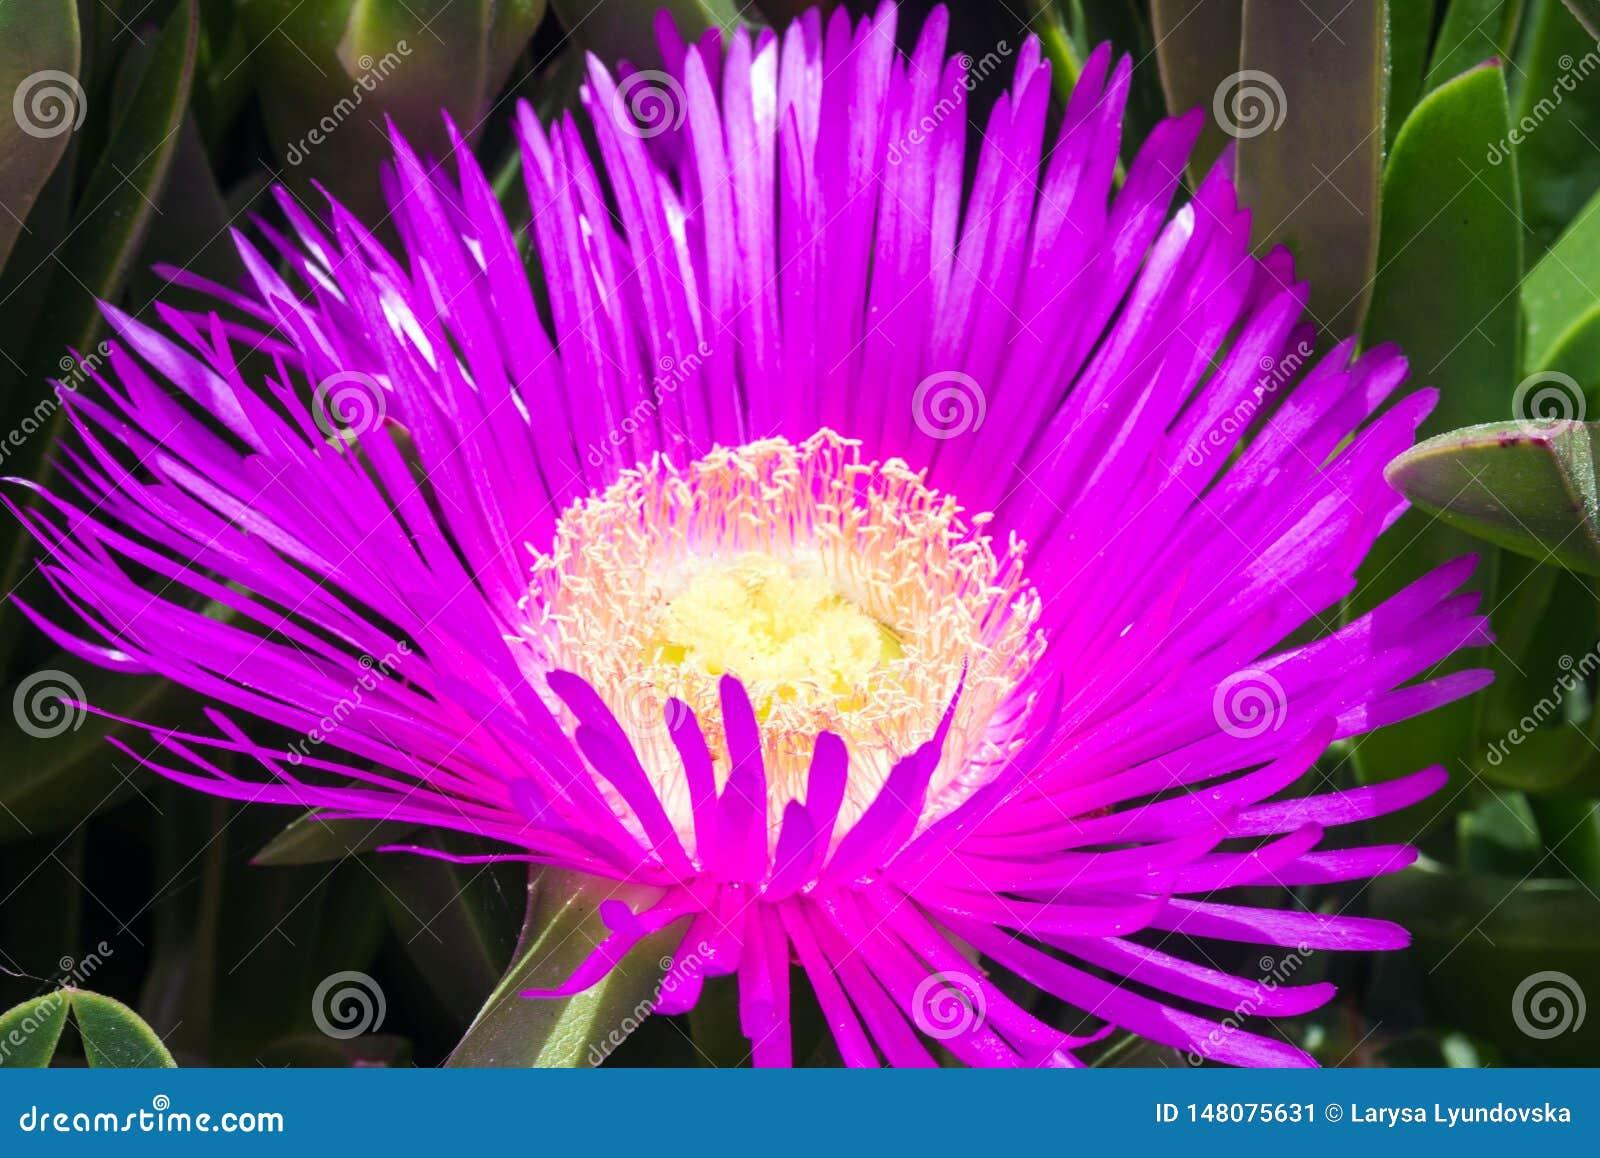 Fiori E Piante Commestibili fiori viola e foglie verdi spesse del carpobrotus il